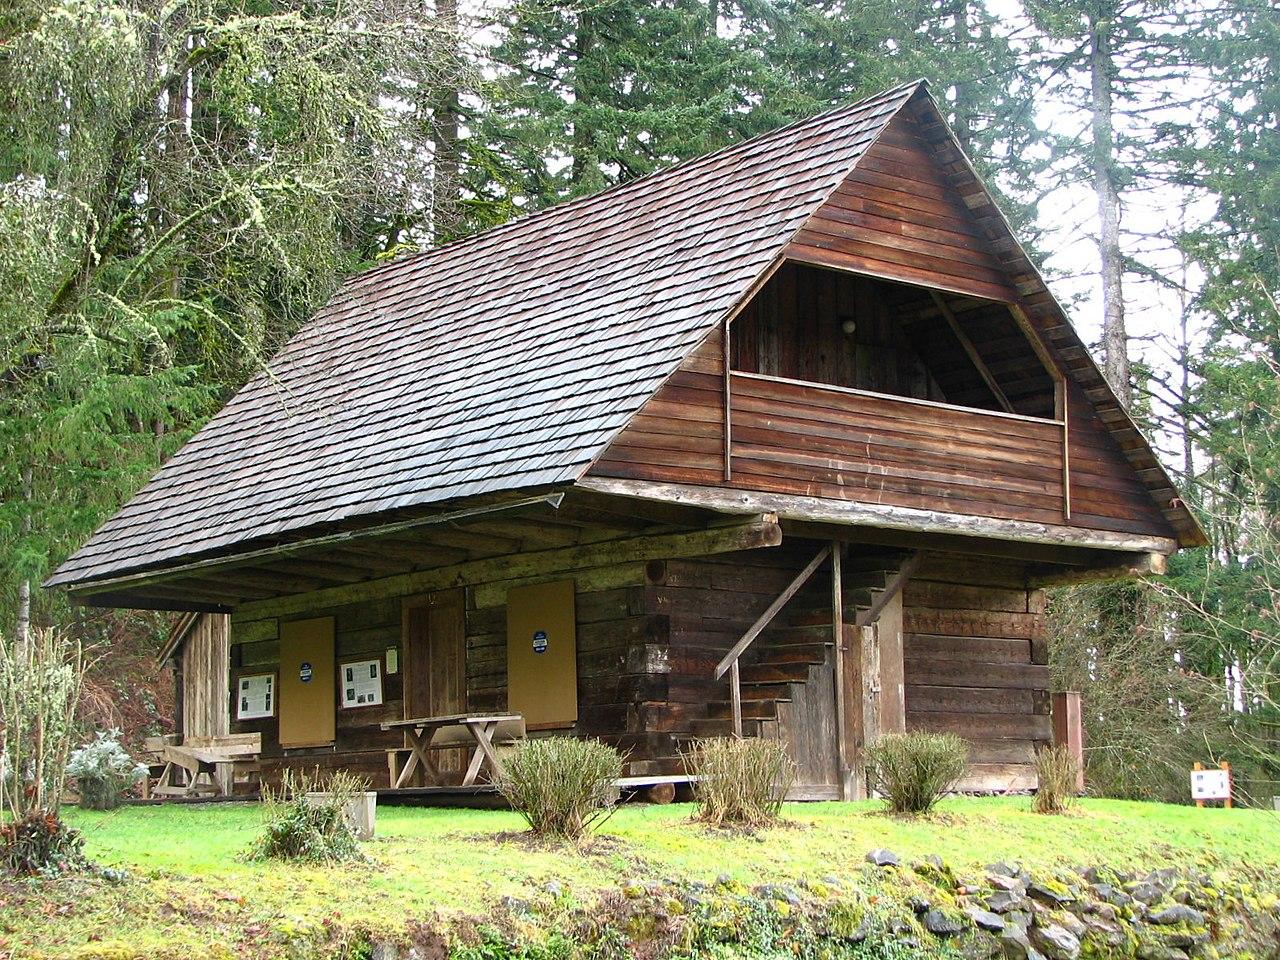 File:Baker Log Cabin - Carver Oregon.jpg - Wikimedia Commons